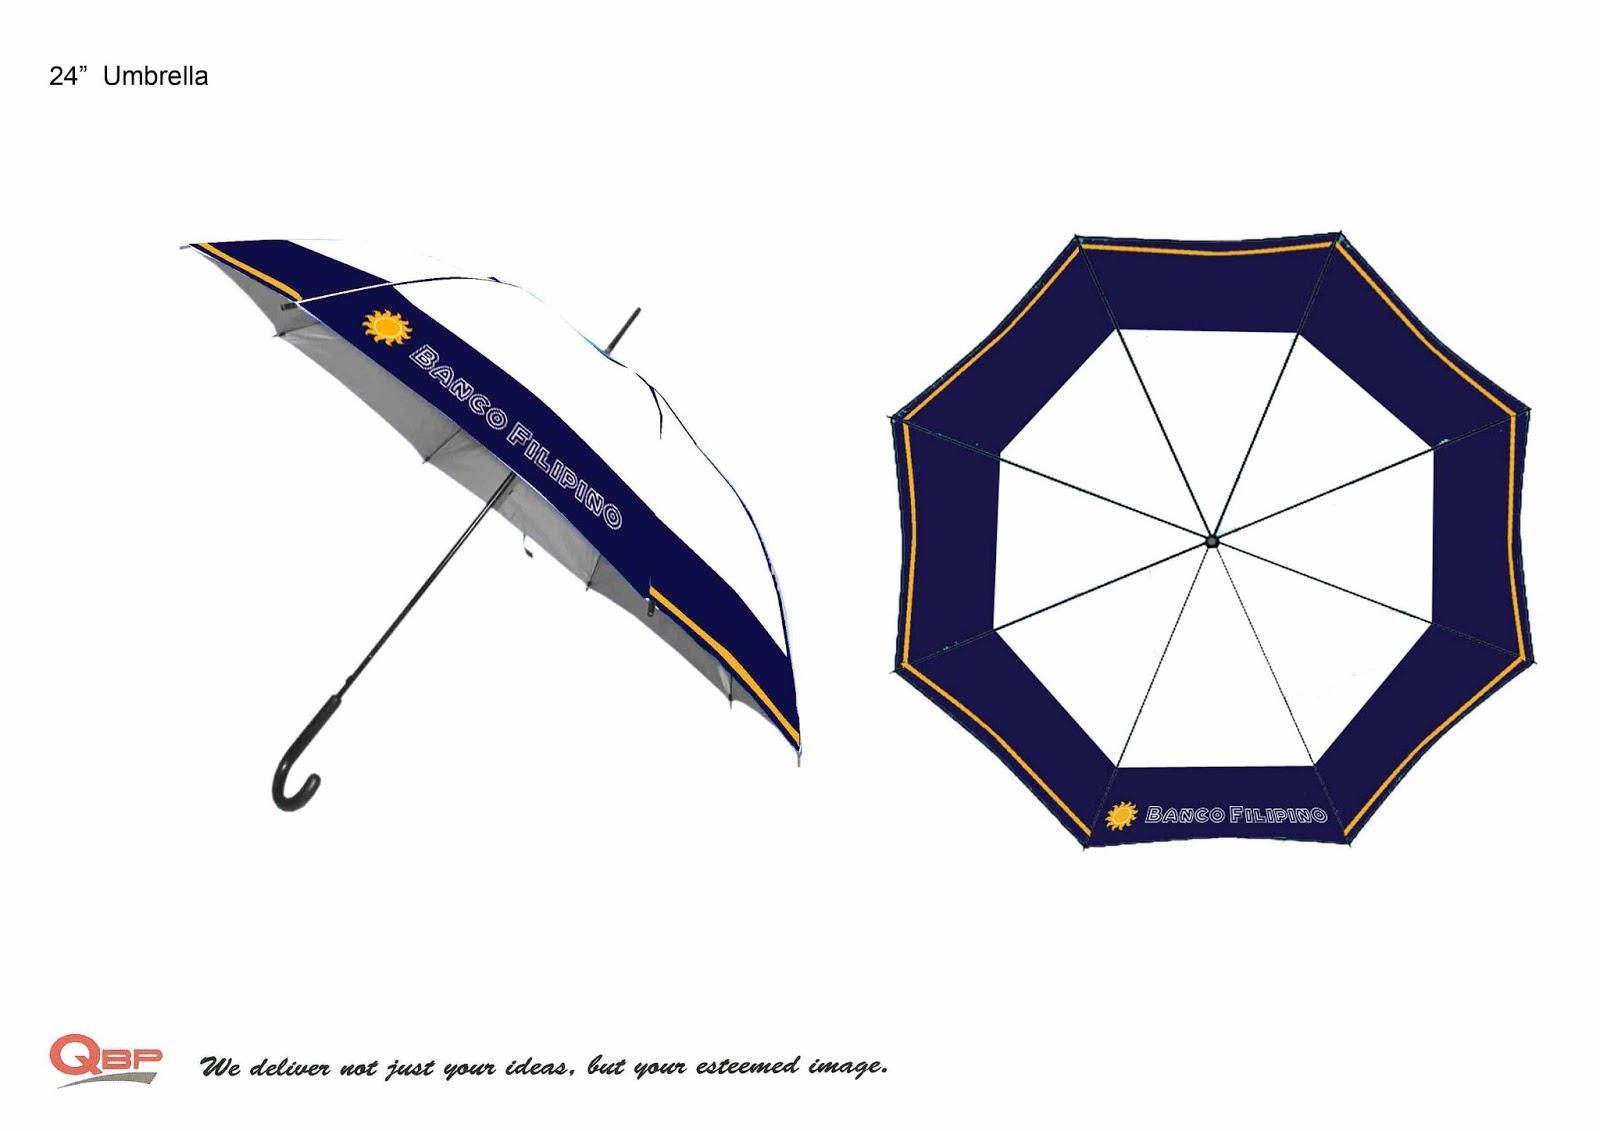 So chic umbrella design for Architecture upbrella